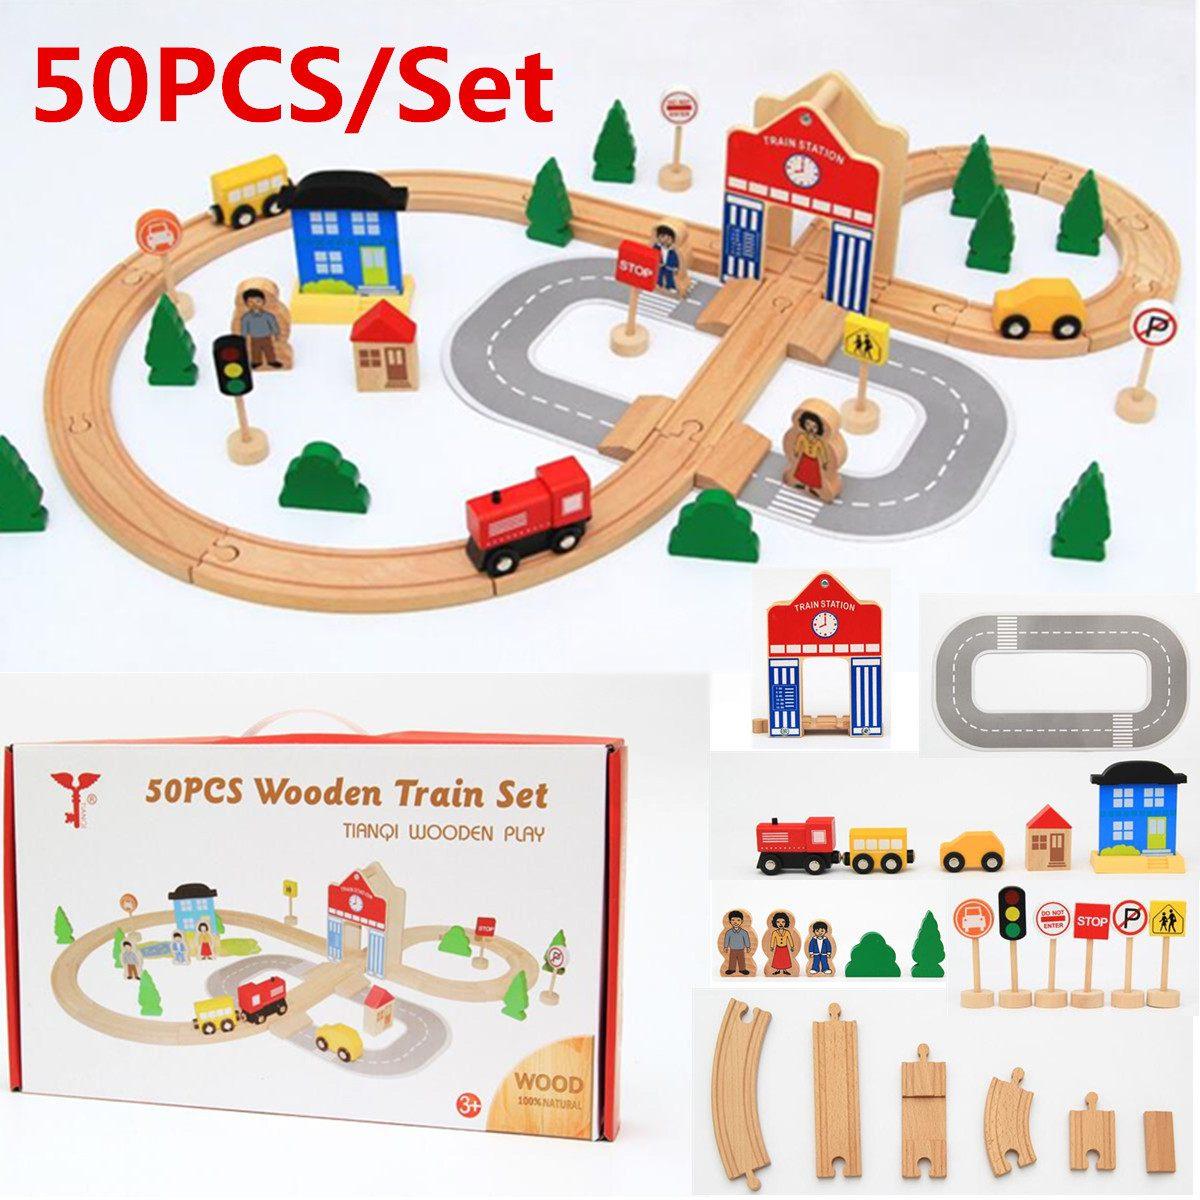 50 pcs En Bois Train Voie Ferrée Pont Électrique Voie Ferrée Ensemble Magnétique Piste De Course Blocs Véhicules Enfants Jouets Enfants Cadeaux